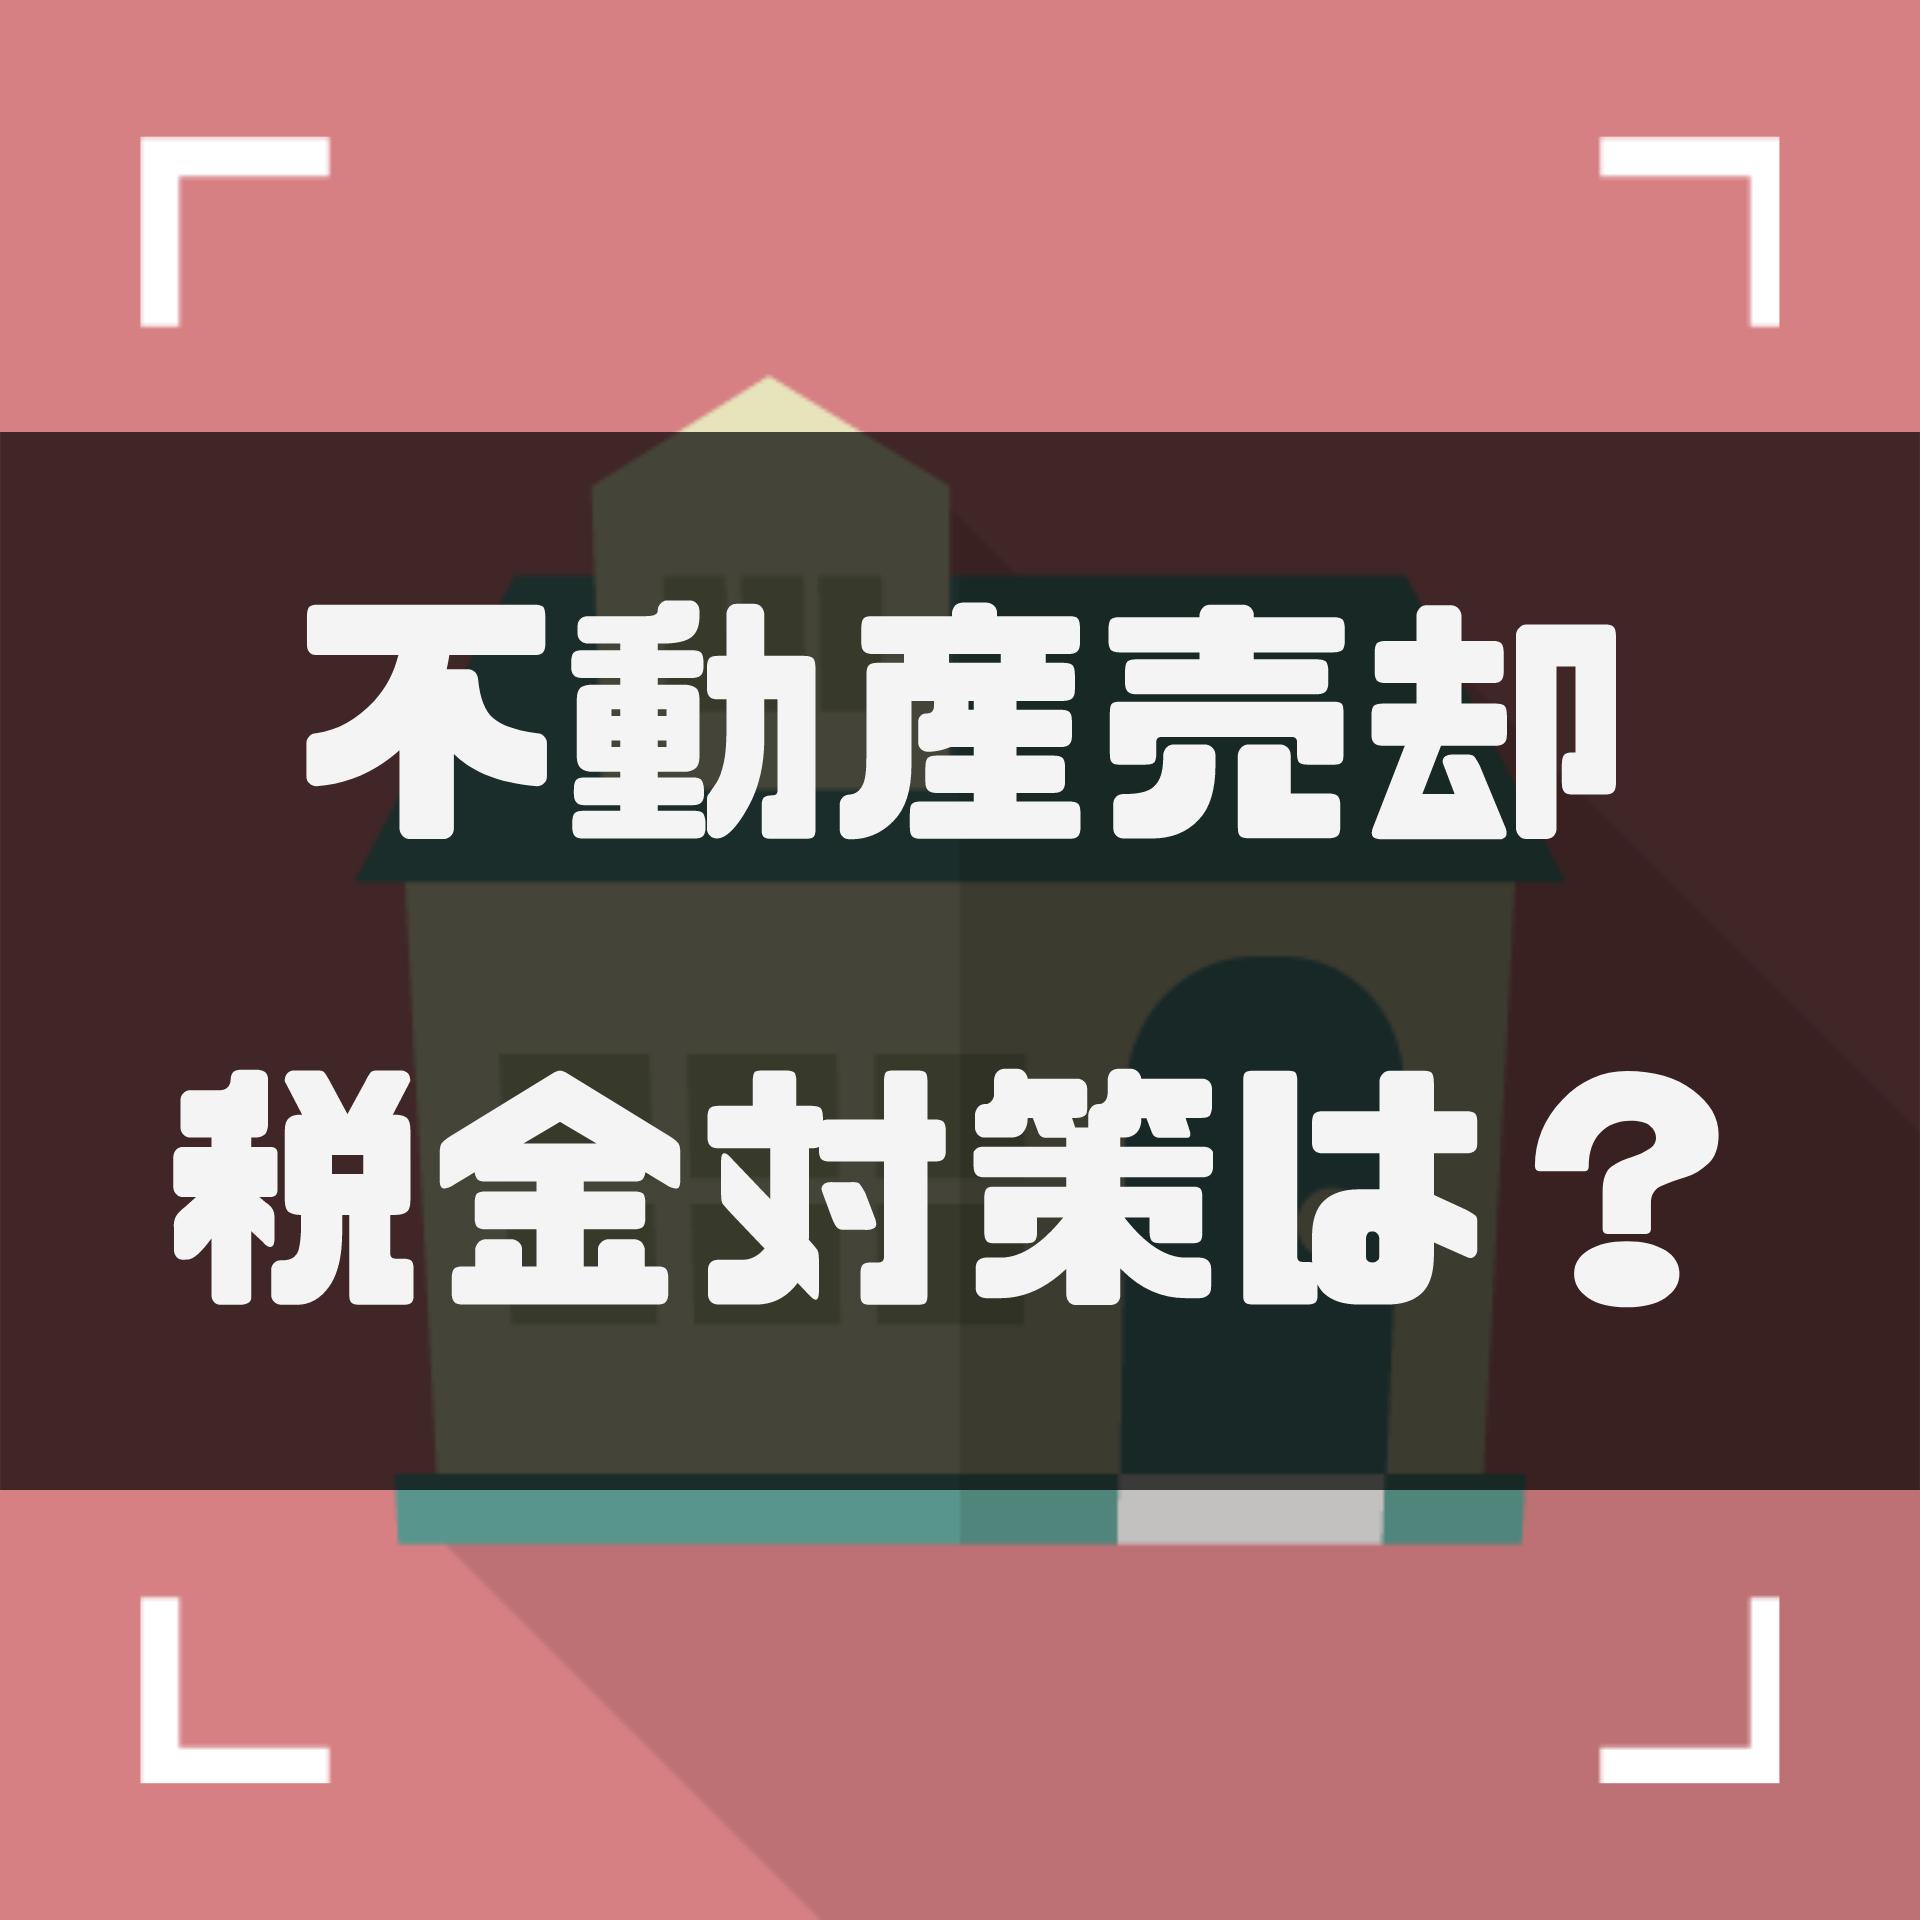 【不動産売却の税金】節税対策とは?シミュレーション・確定申告も解説